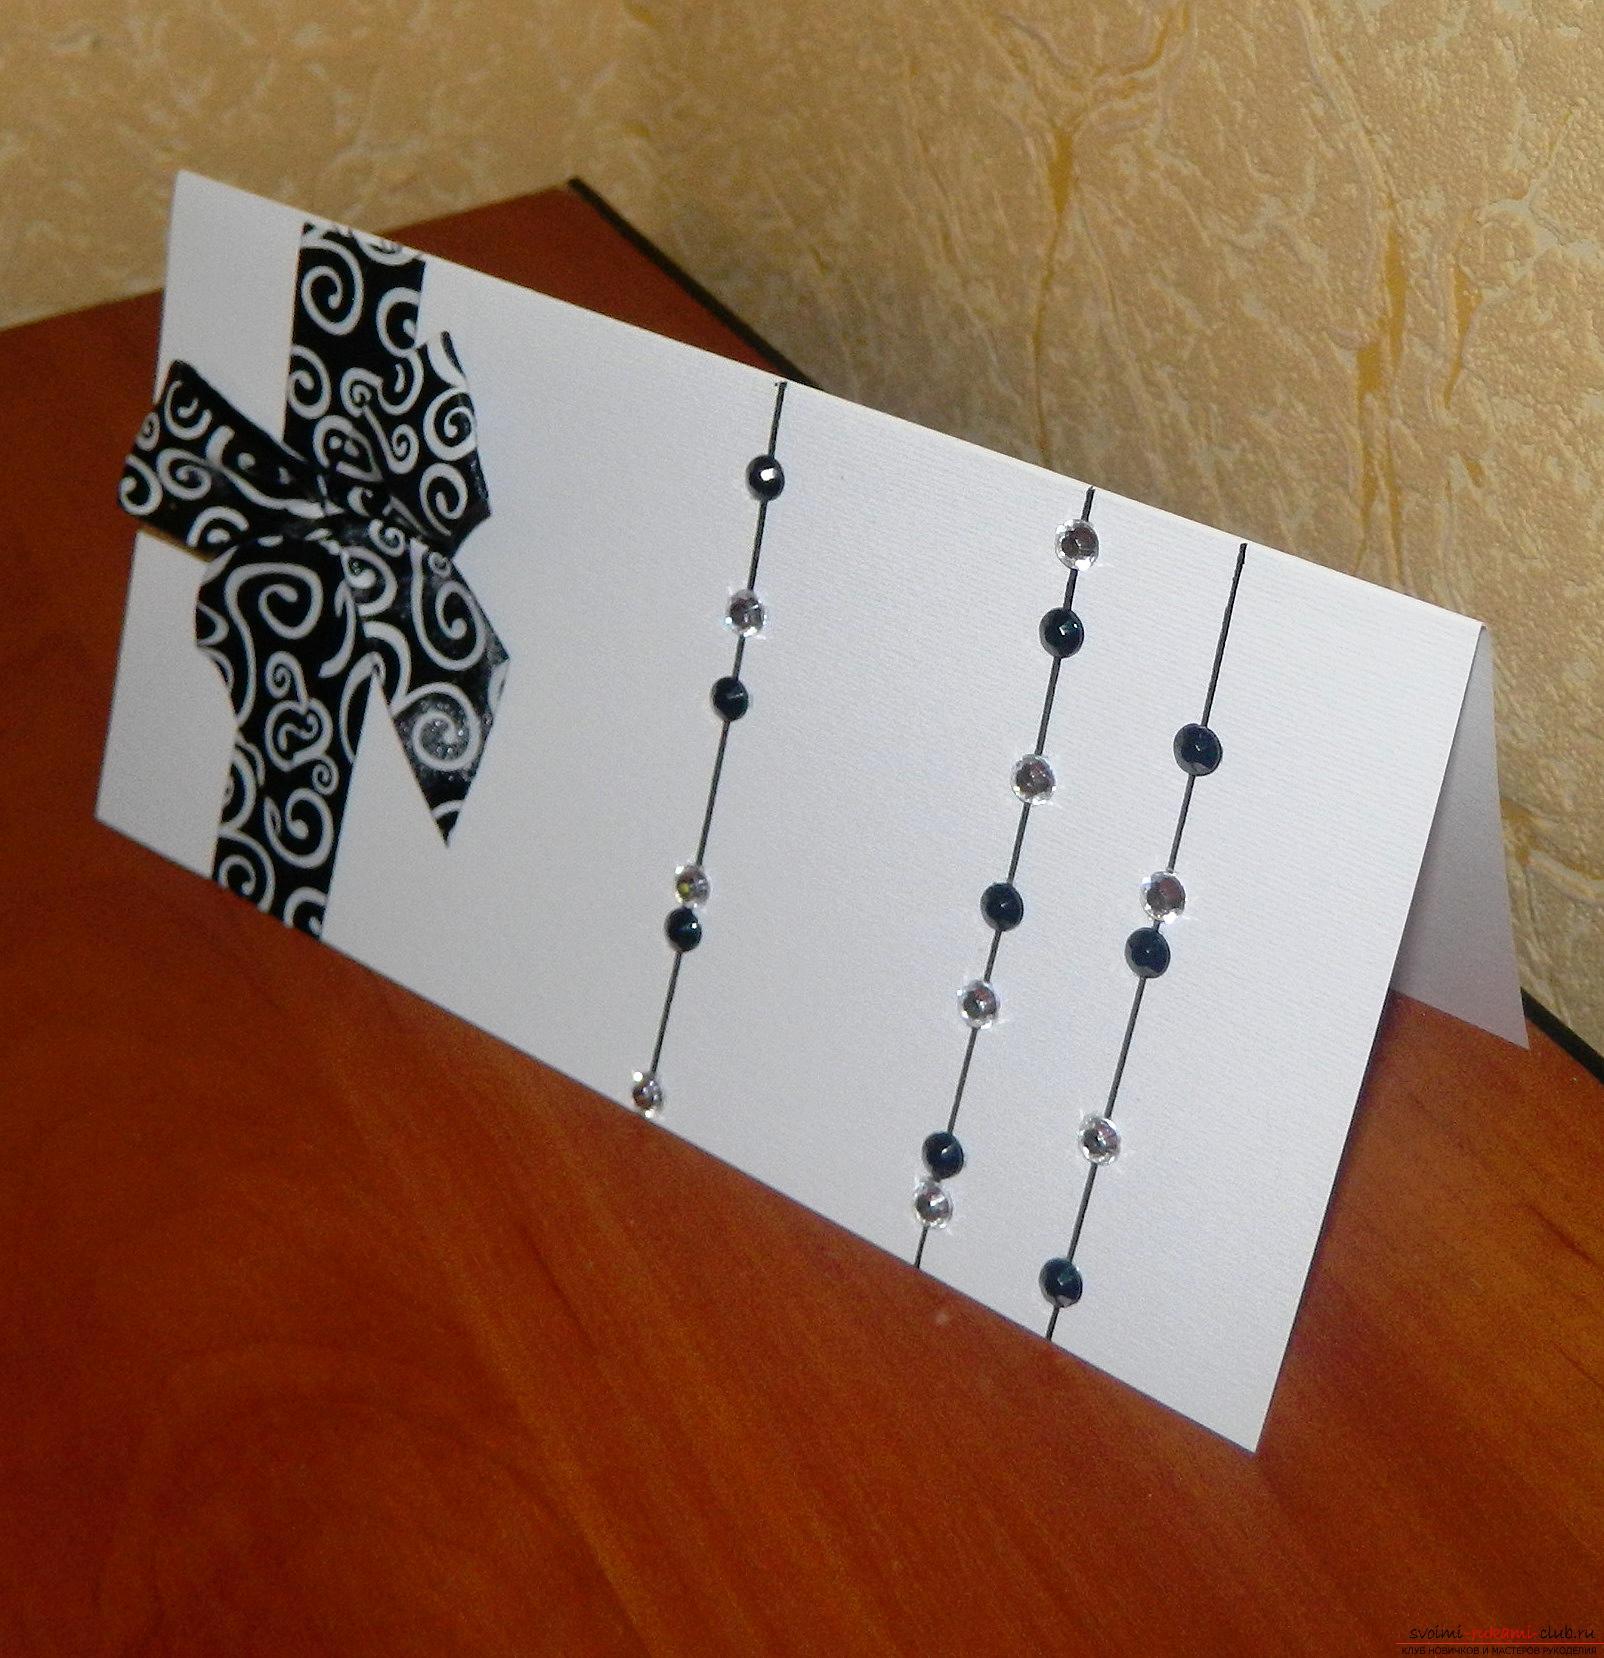 Этот мастер-класс покажет как сделать красивые открытки своими руками.. Фото №1